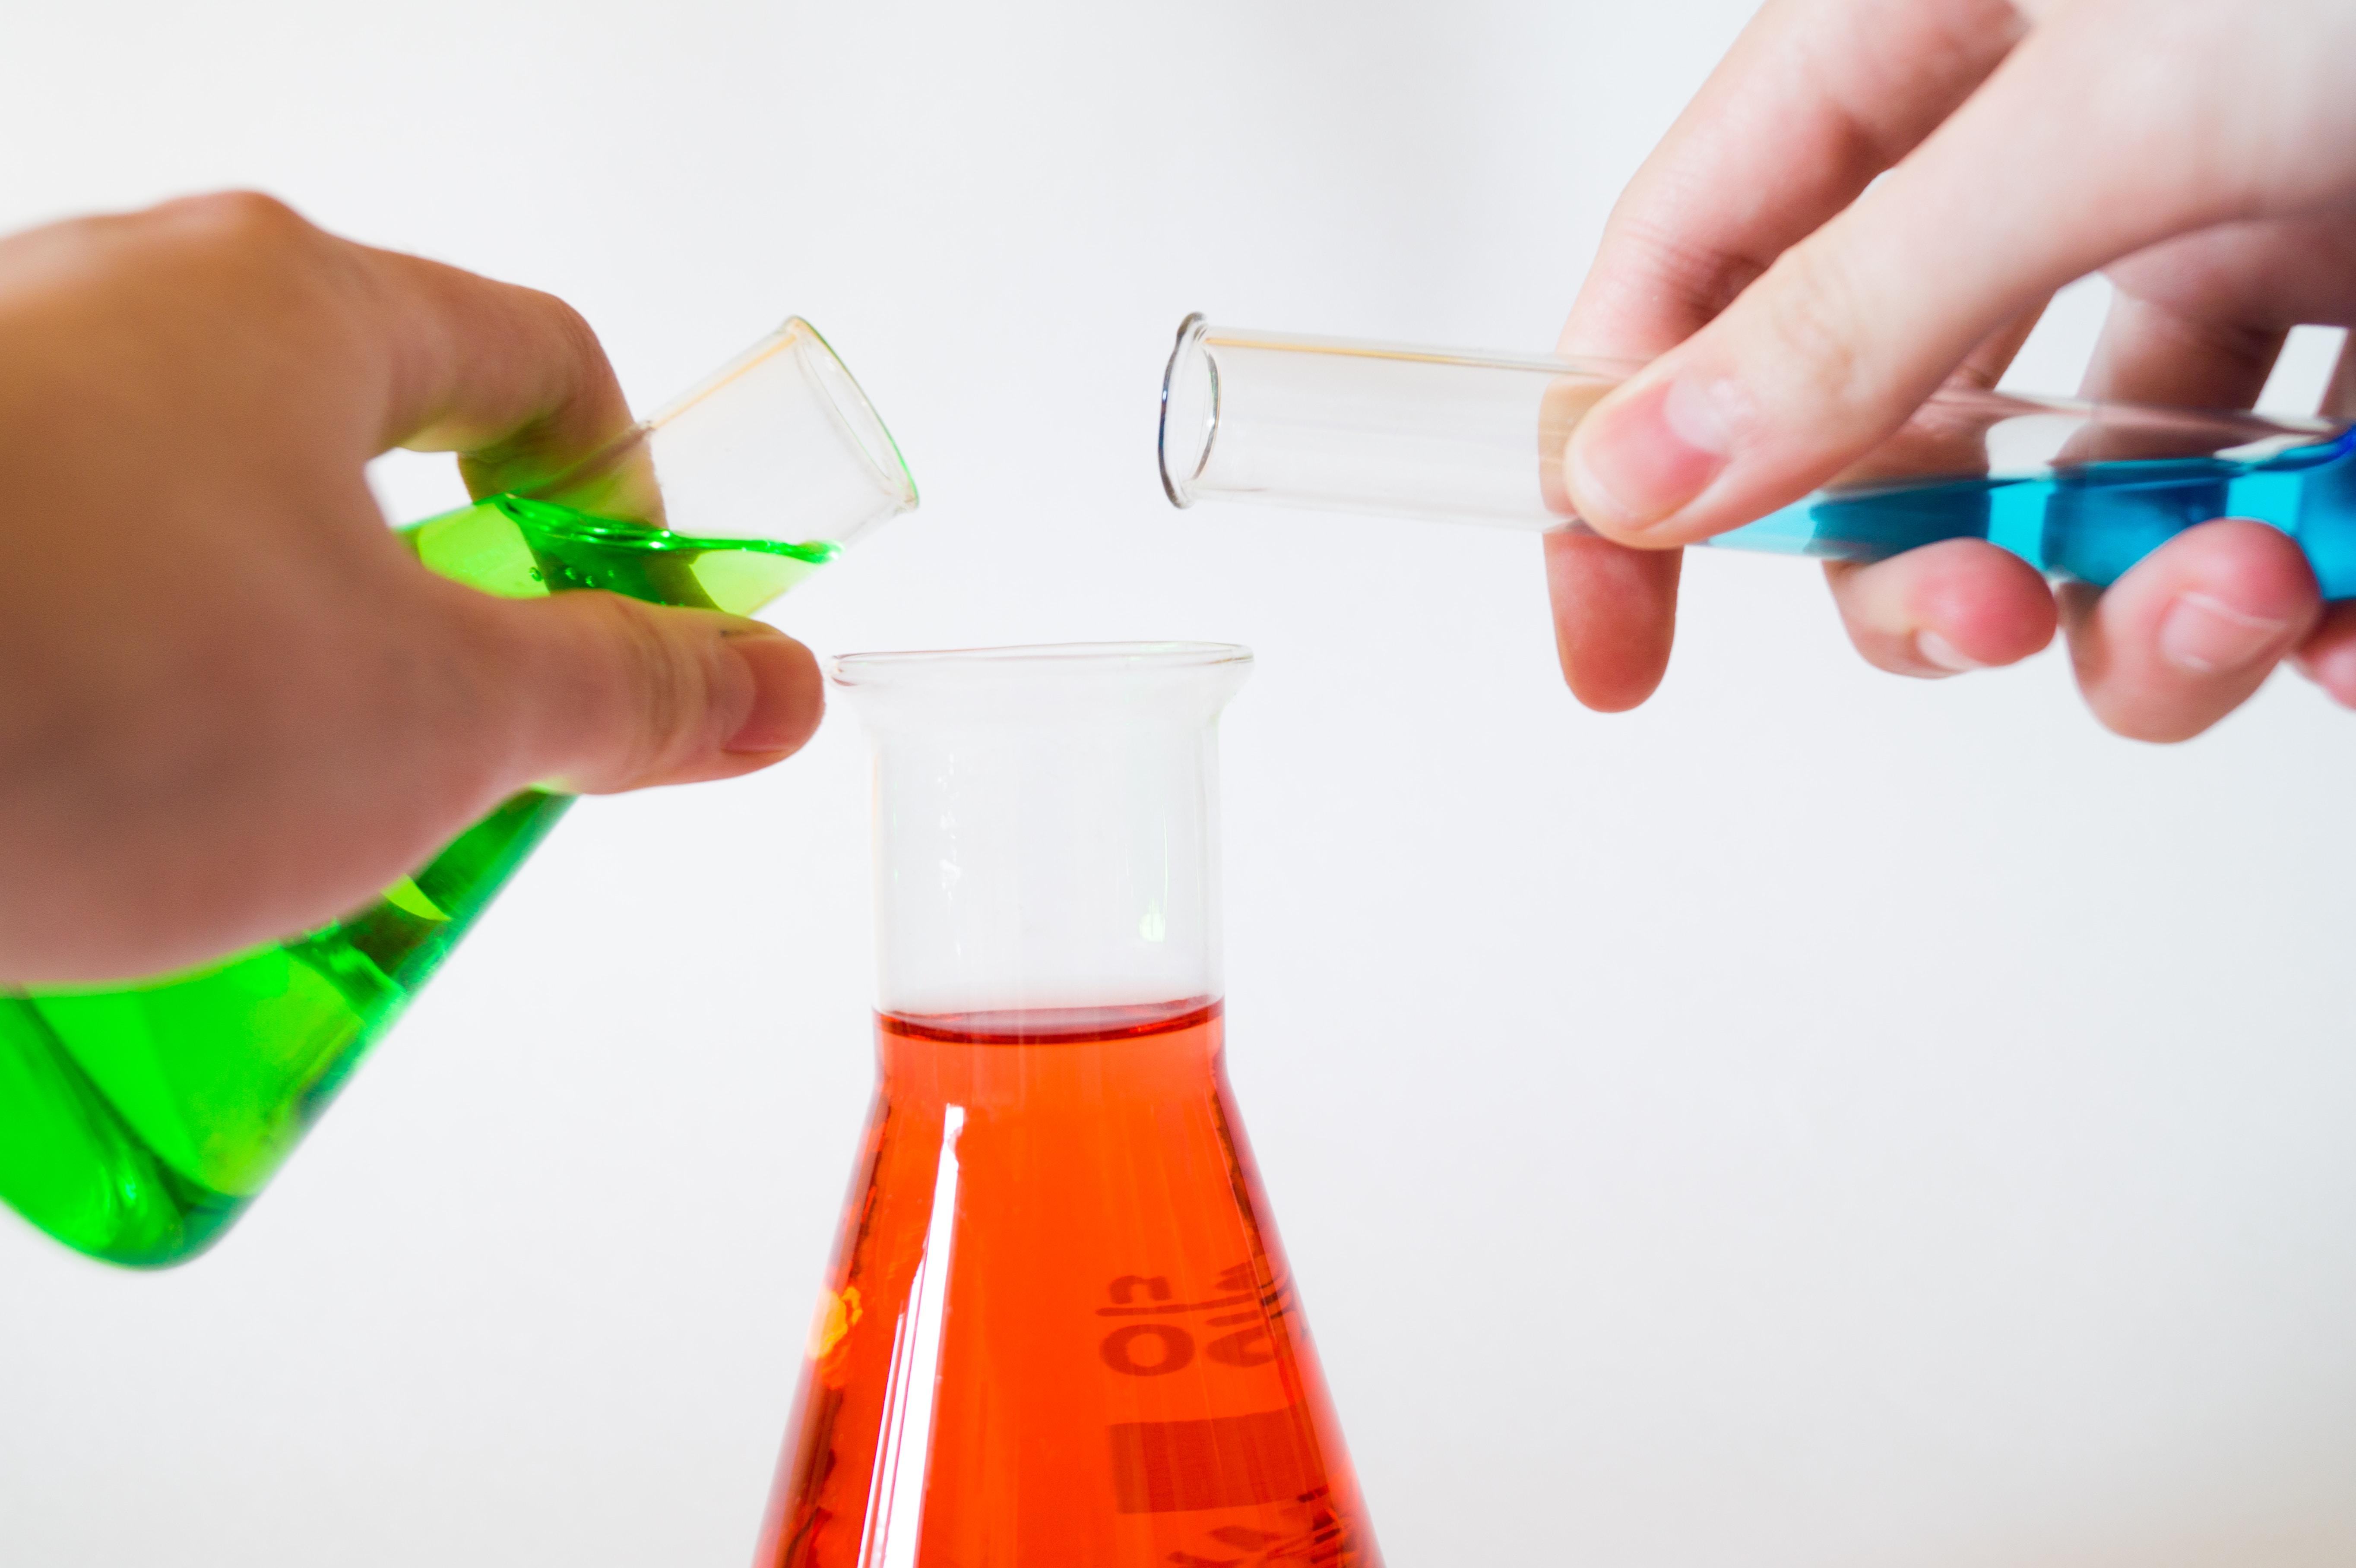 CHEMICALS, PHARMACEUTICALS & PLASTIC